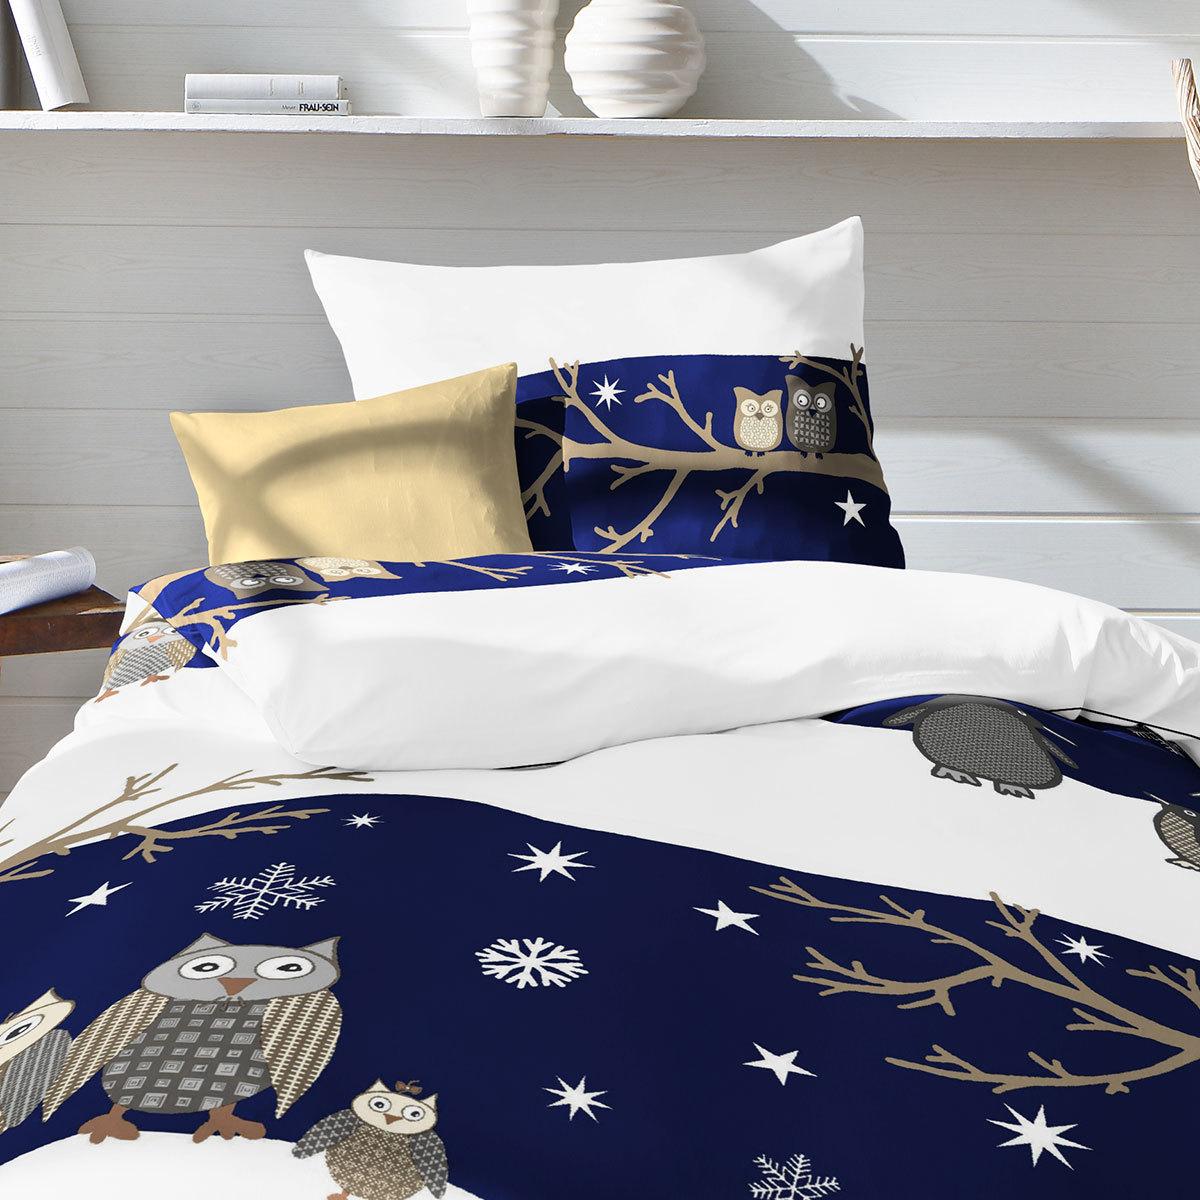 fleuresse biber bettw sche davos eulen blau g nstig online kaufen bei bettwaren shop. Black Bedroom Furniture Sets. Home Design Ideas